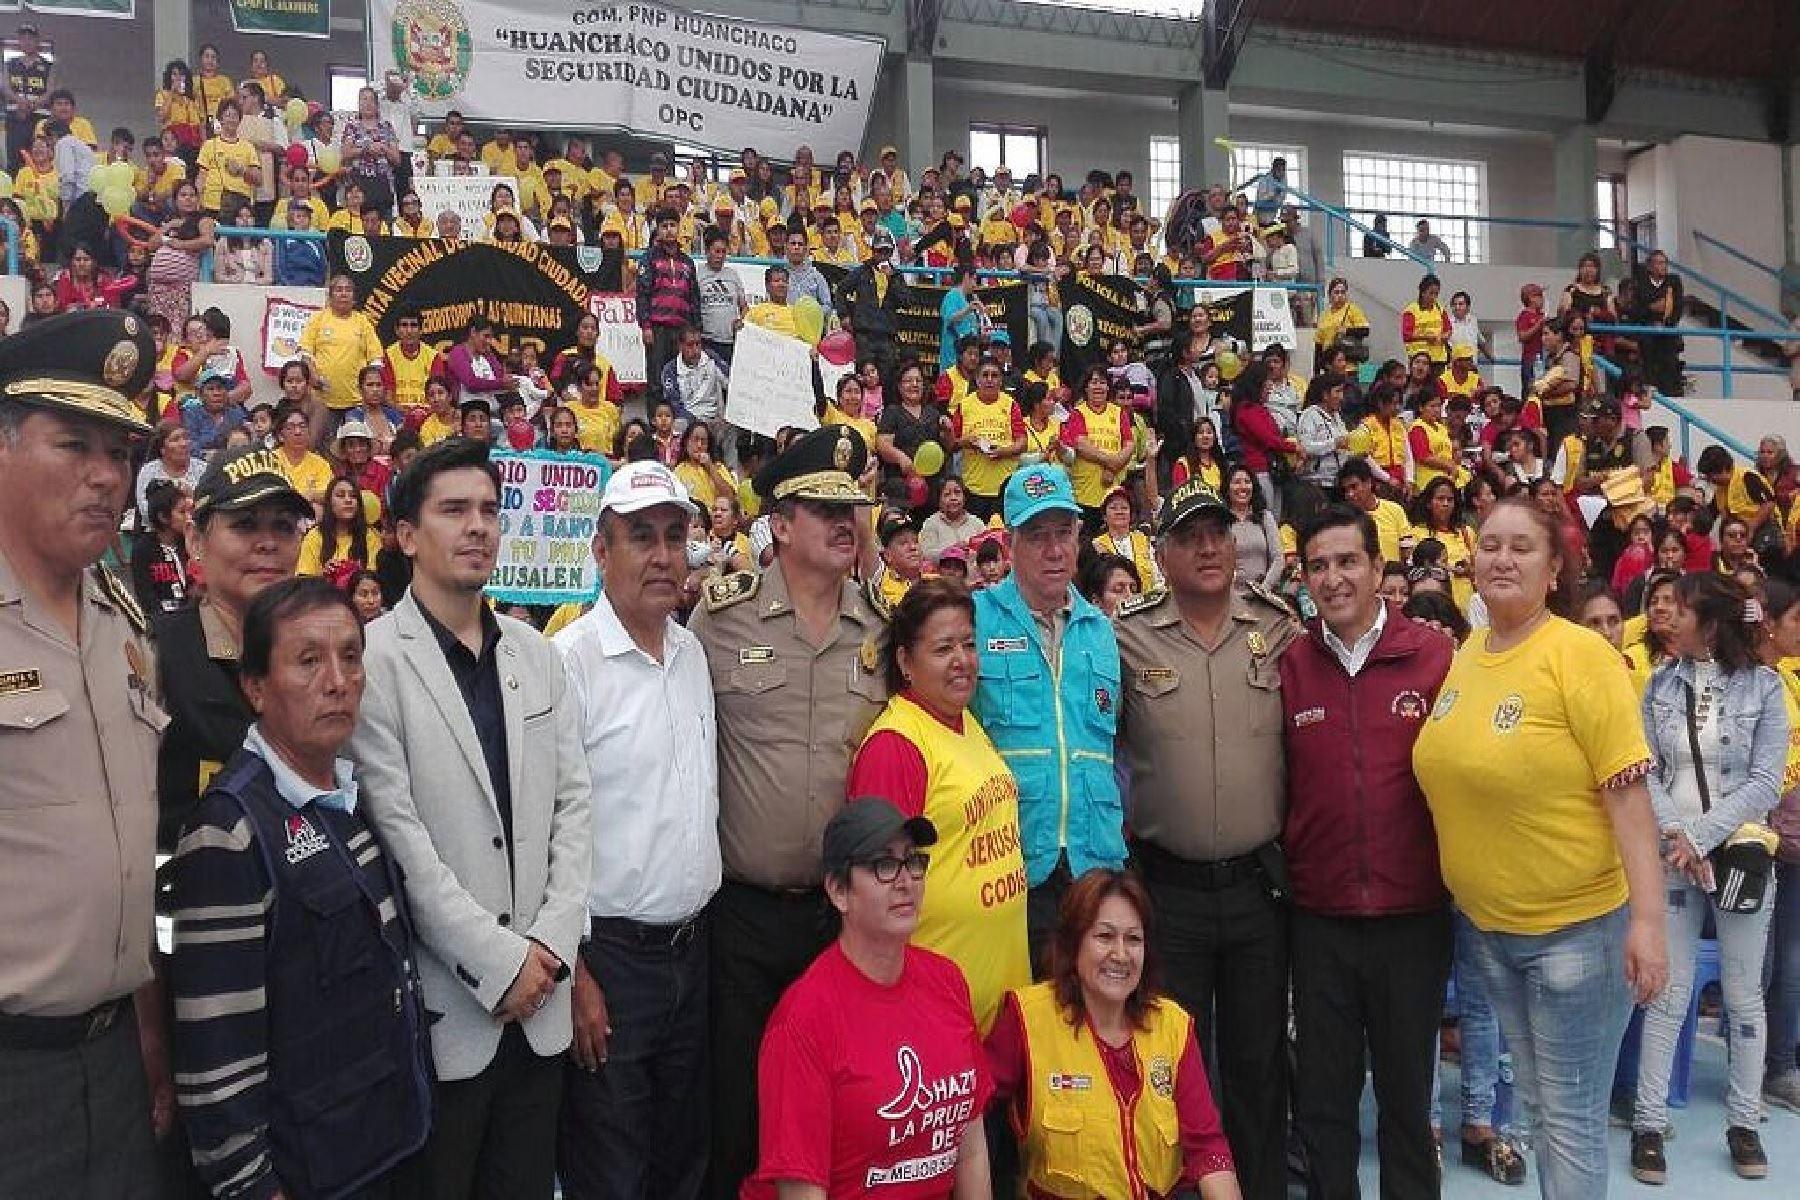 La libertad realizan primer encuentro multisectorial for Portal del ministerio del interior